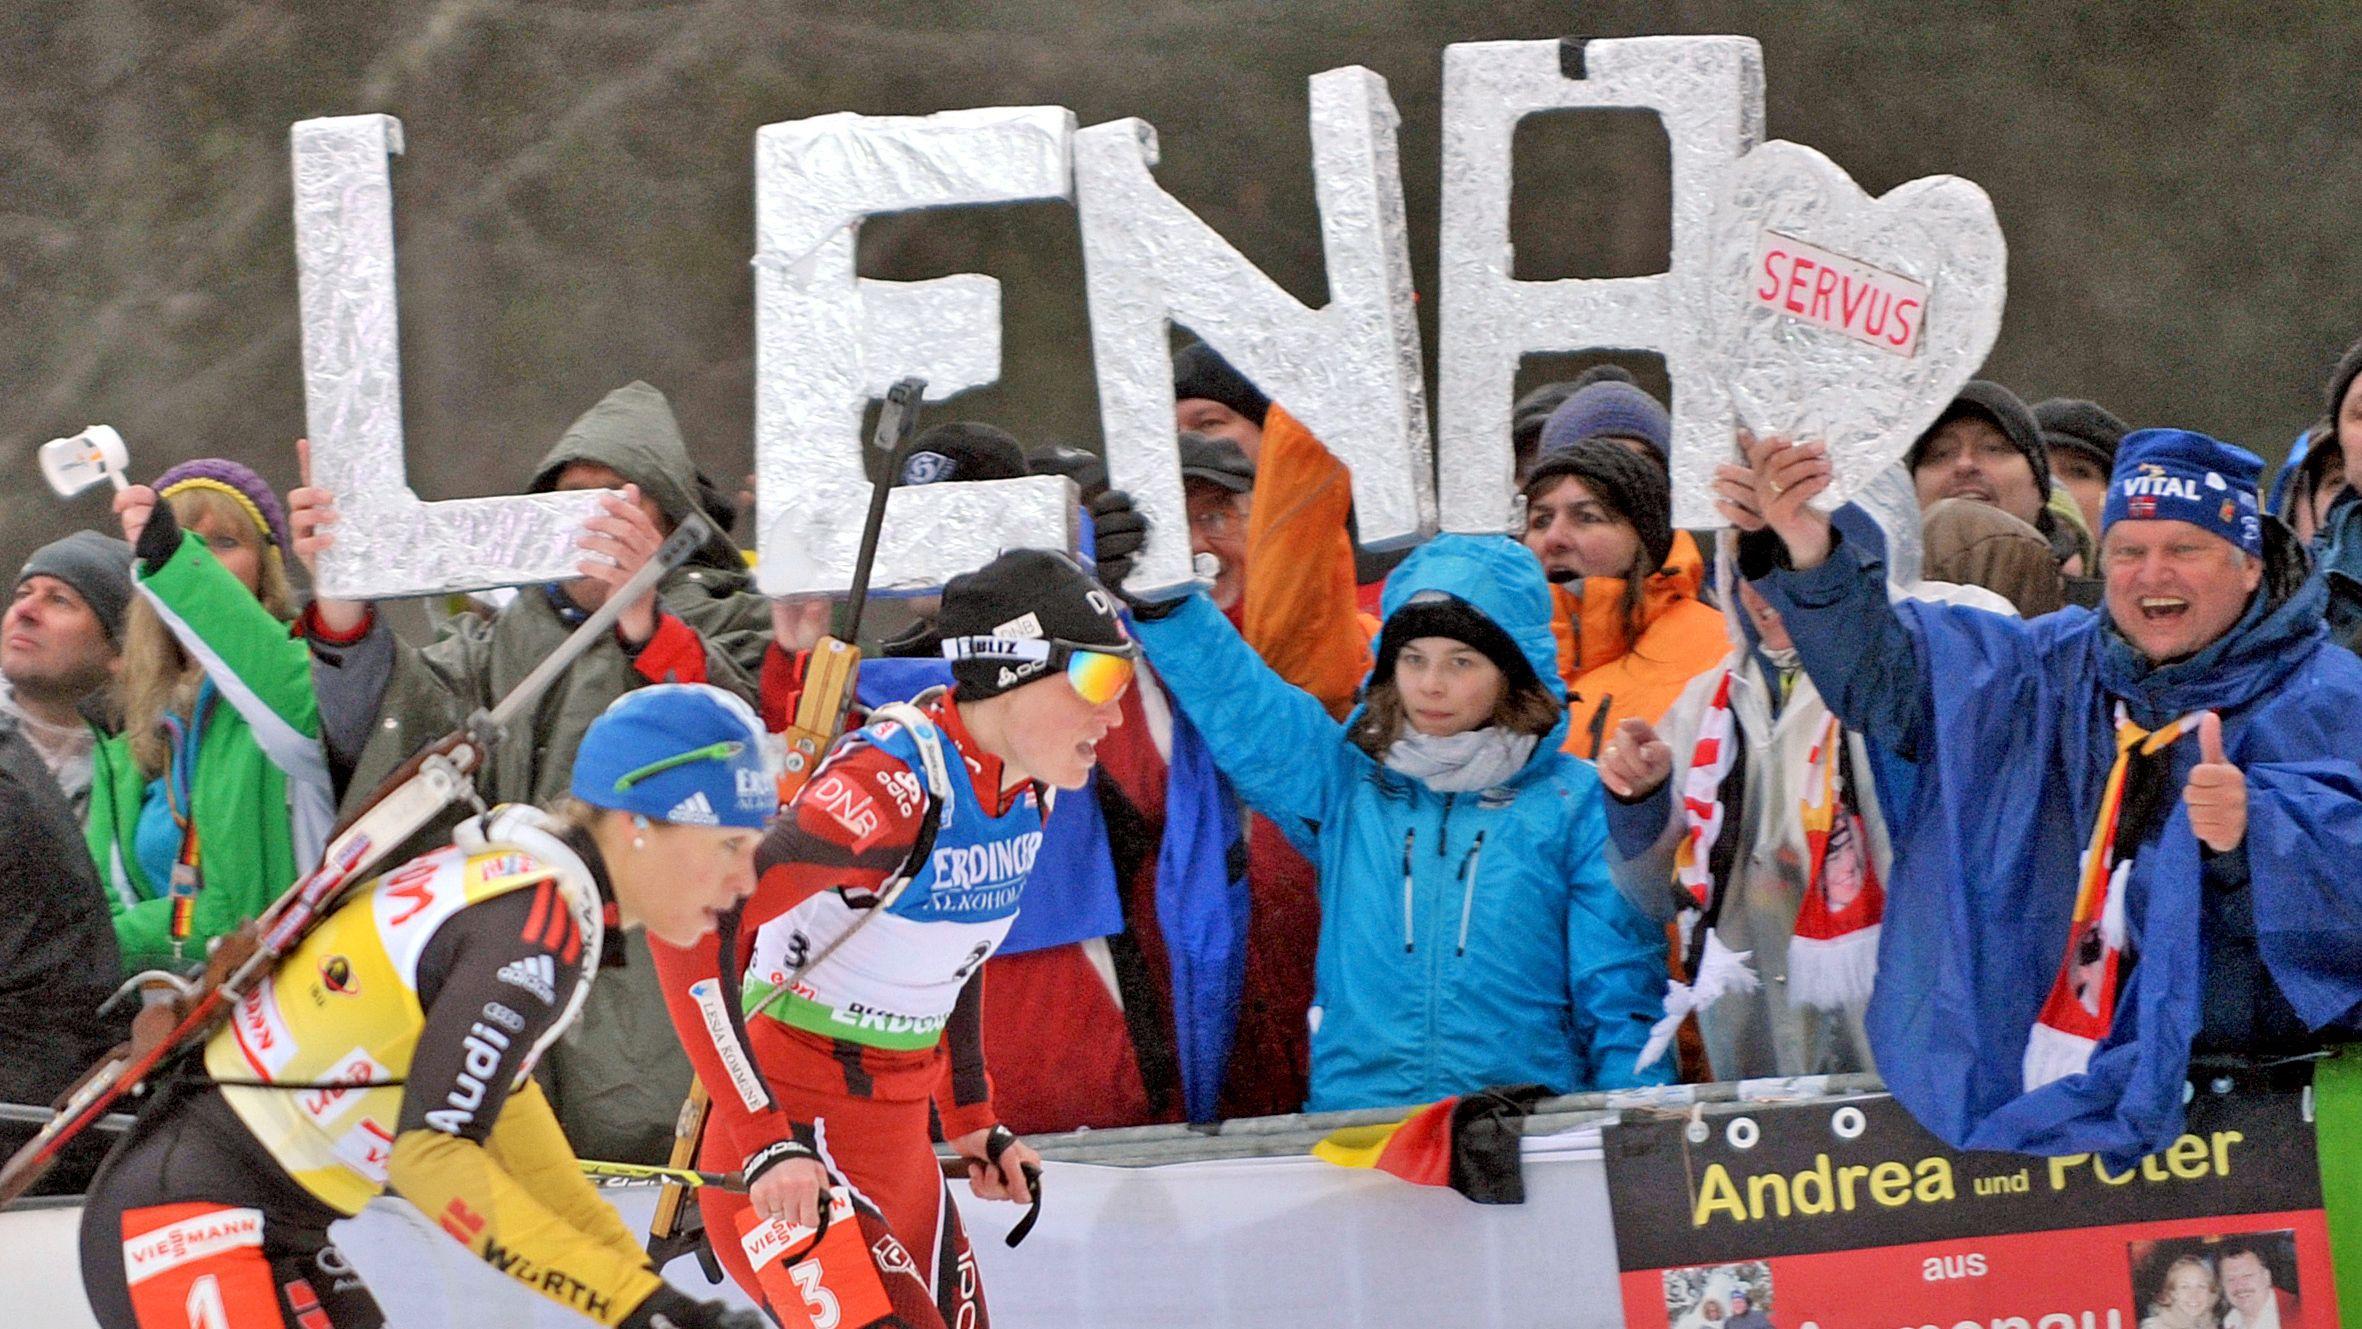 Die Biathlon-WM 2012 in Ruhpolding